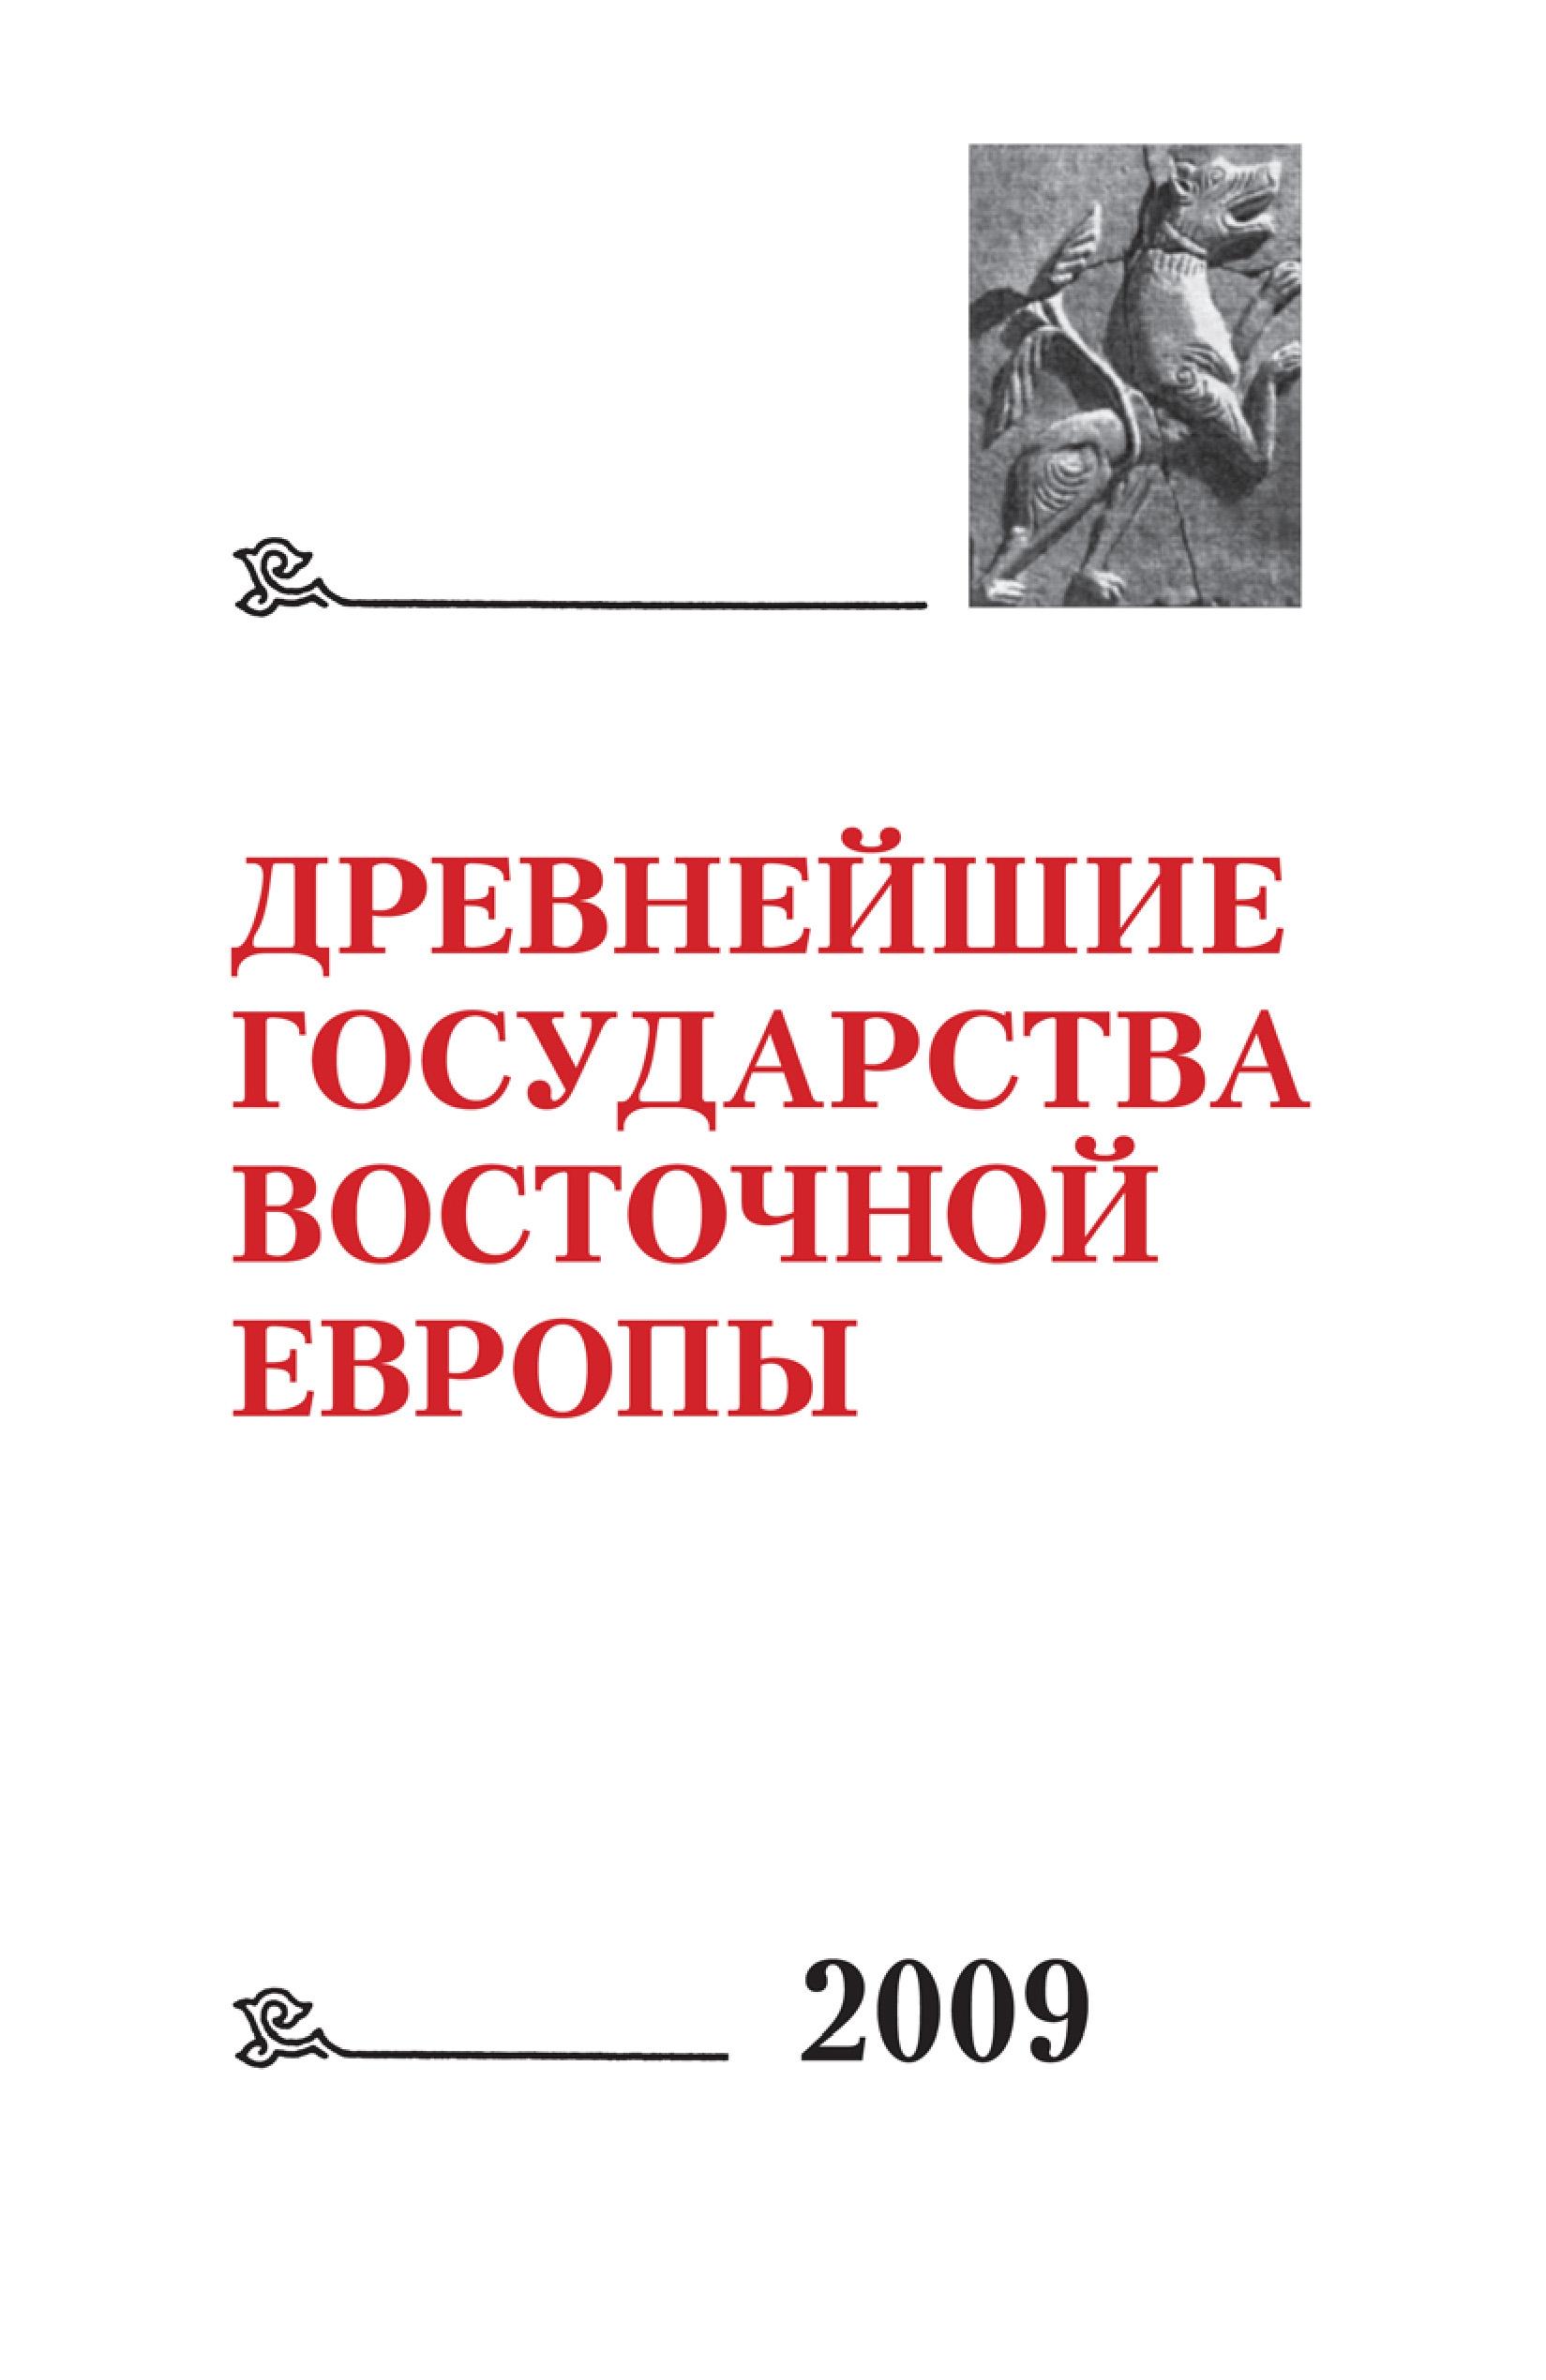 Коллектив авторов Древнейшие государства Восточной Европы 2009: Трансконтинентальные и локальные пути как социокультурный феномен